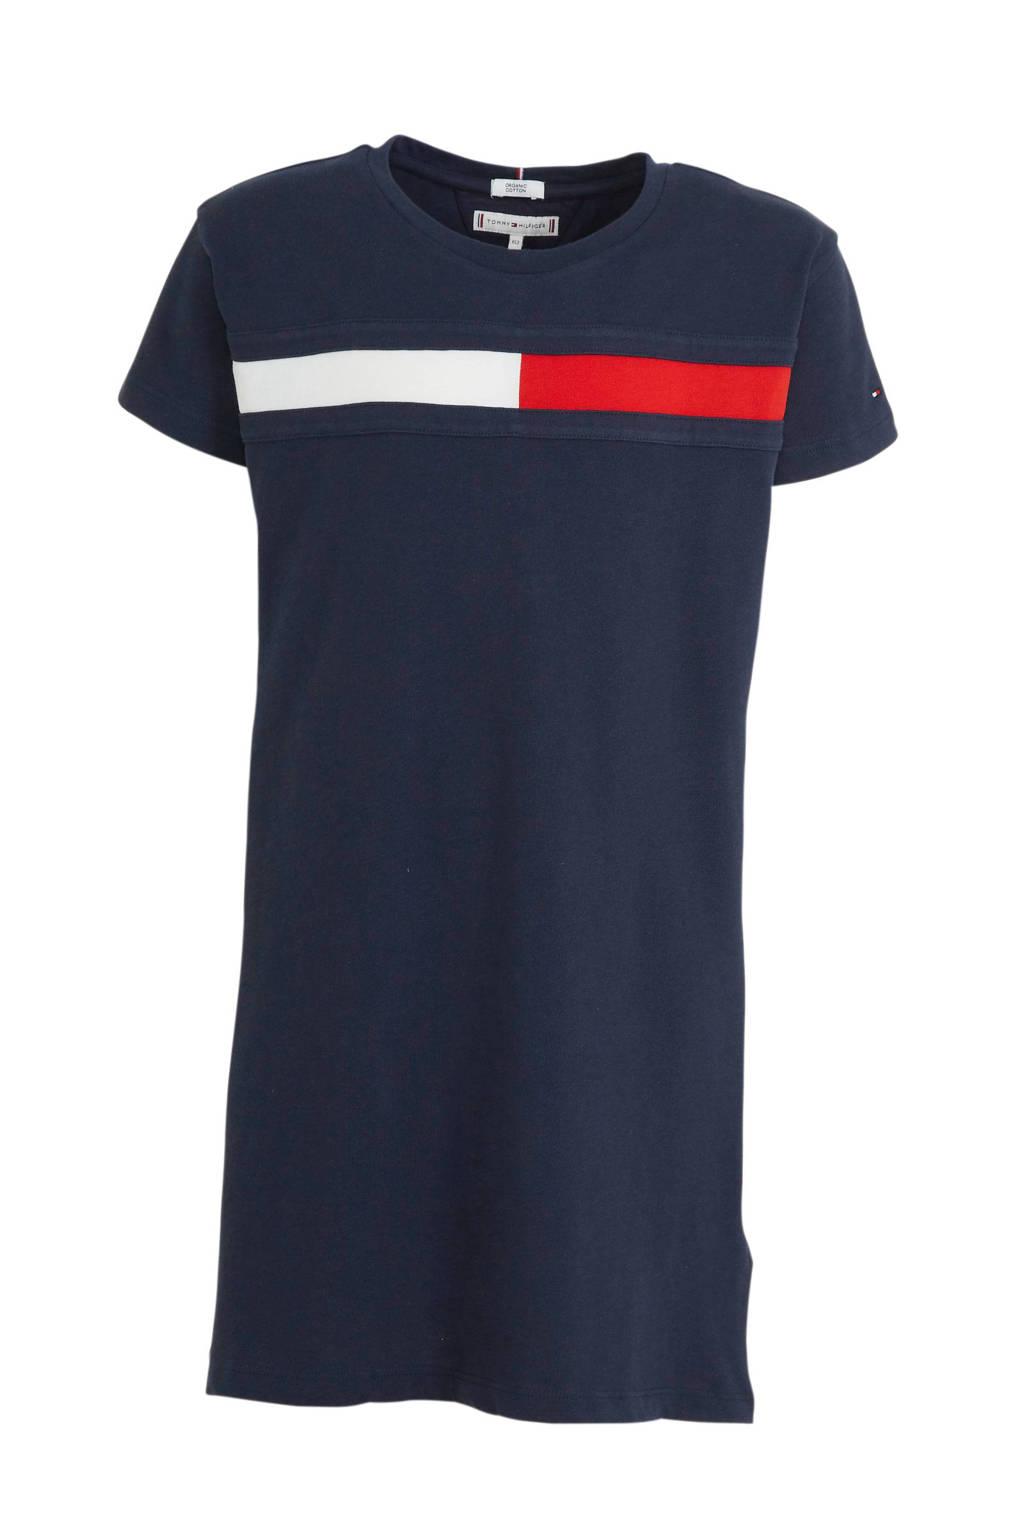 Tommy Hilfiger T-shirtjurk van biologisch katoen marine/wit/rood, Marine/wit/rood